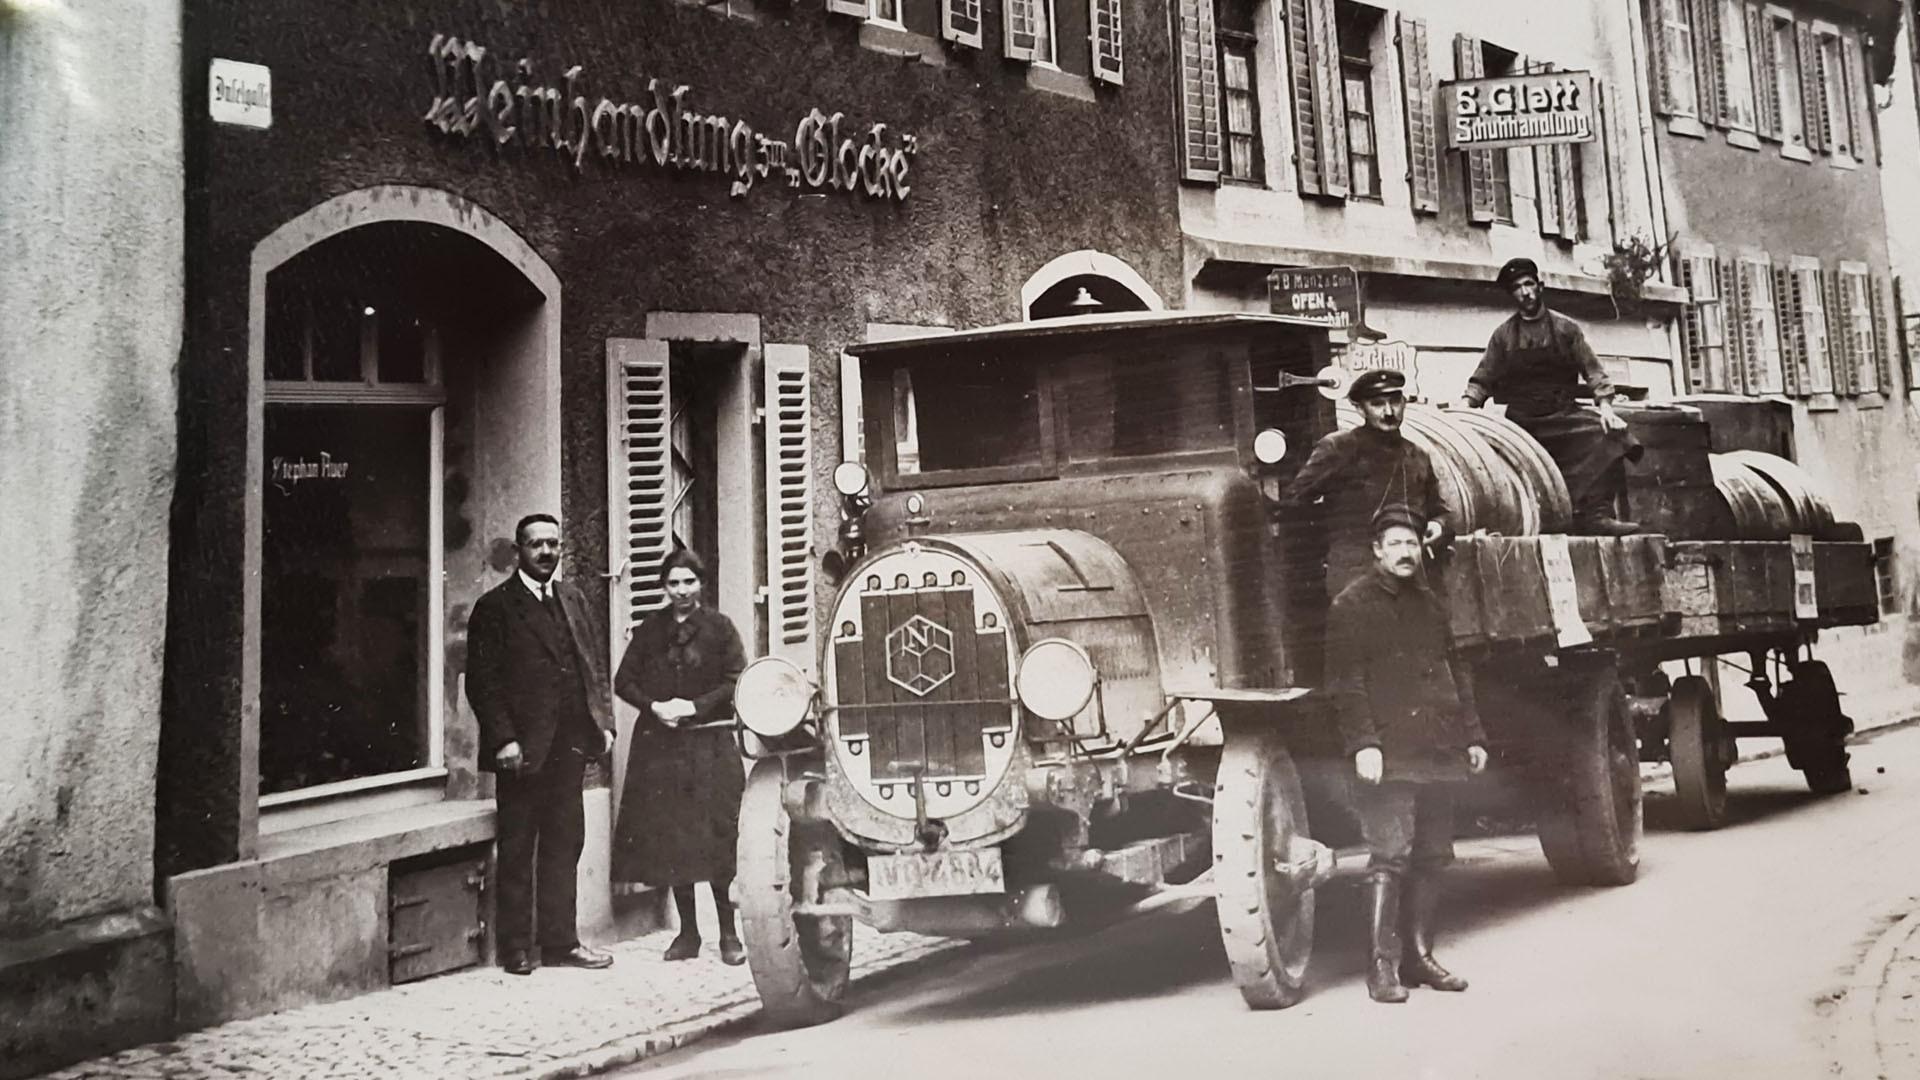 Aus dem 20er Jahren - damals noch eine Weinhandlung mit frischer Lieferung